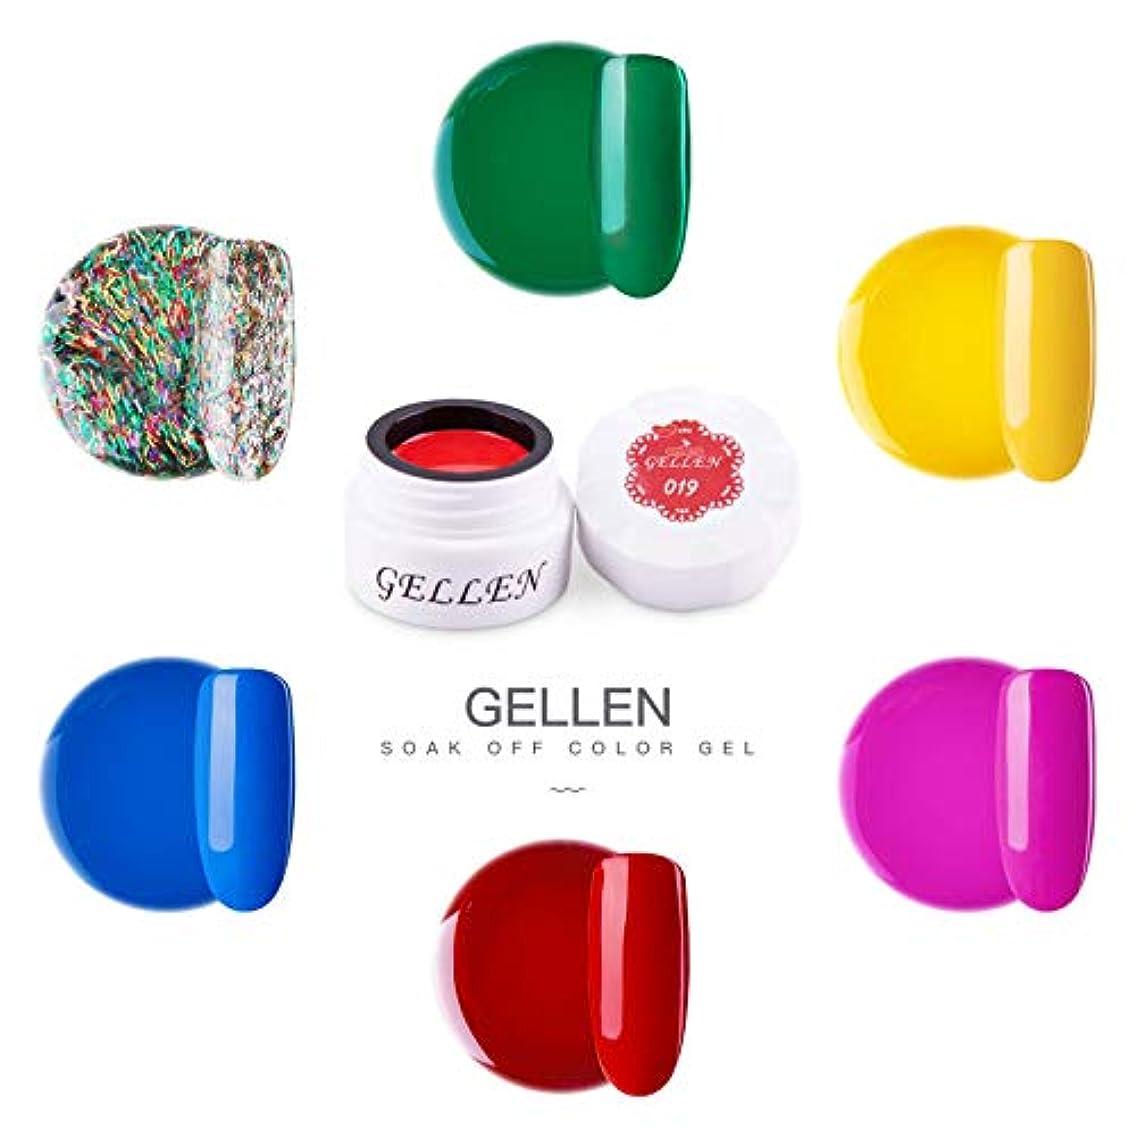 バストモンゴメリー説得力のあるGellen カラージェル 6色 セット[ネオン カラー系]高品質 5g ジェルネイル カラー ネイルブラシ付き